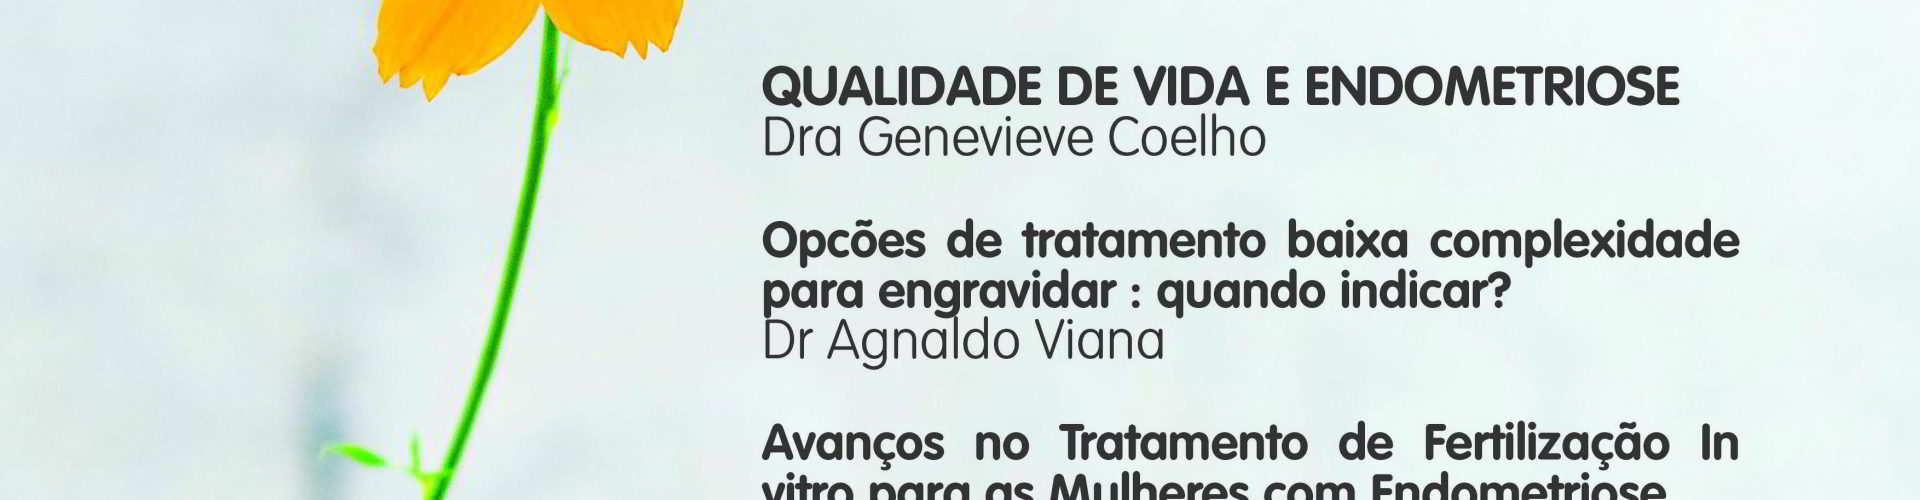 Cartaz com programação completa da palestra sobre endometriose realizada 9/4 em Salvador